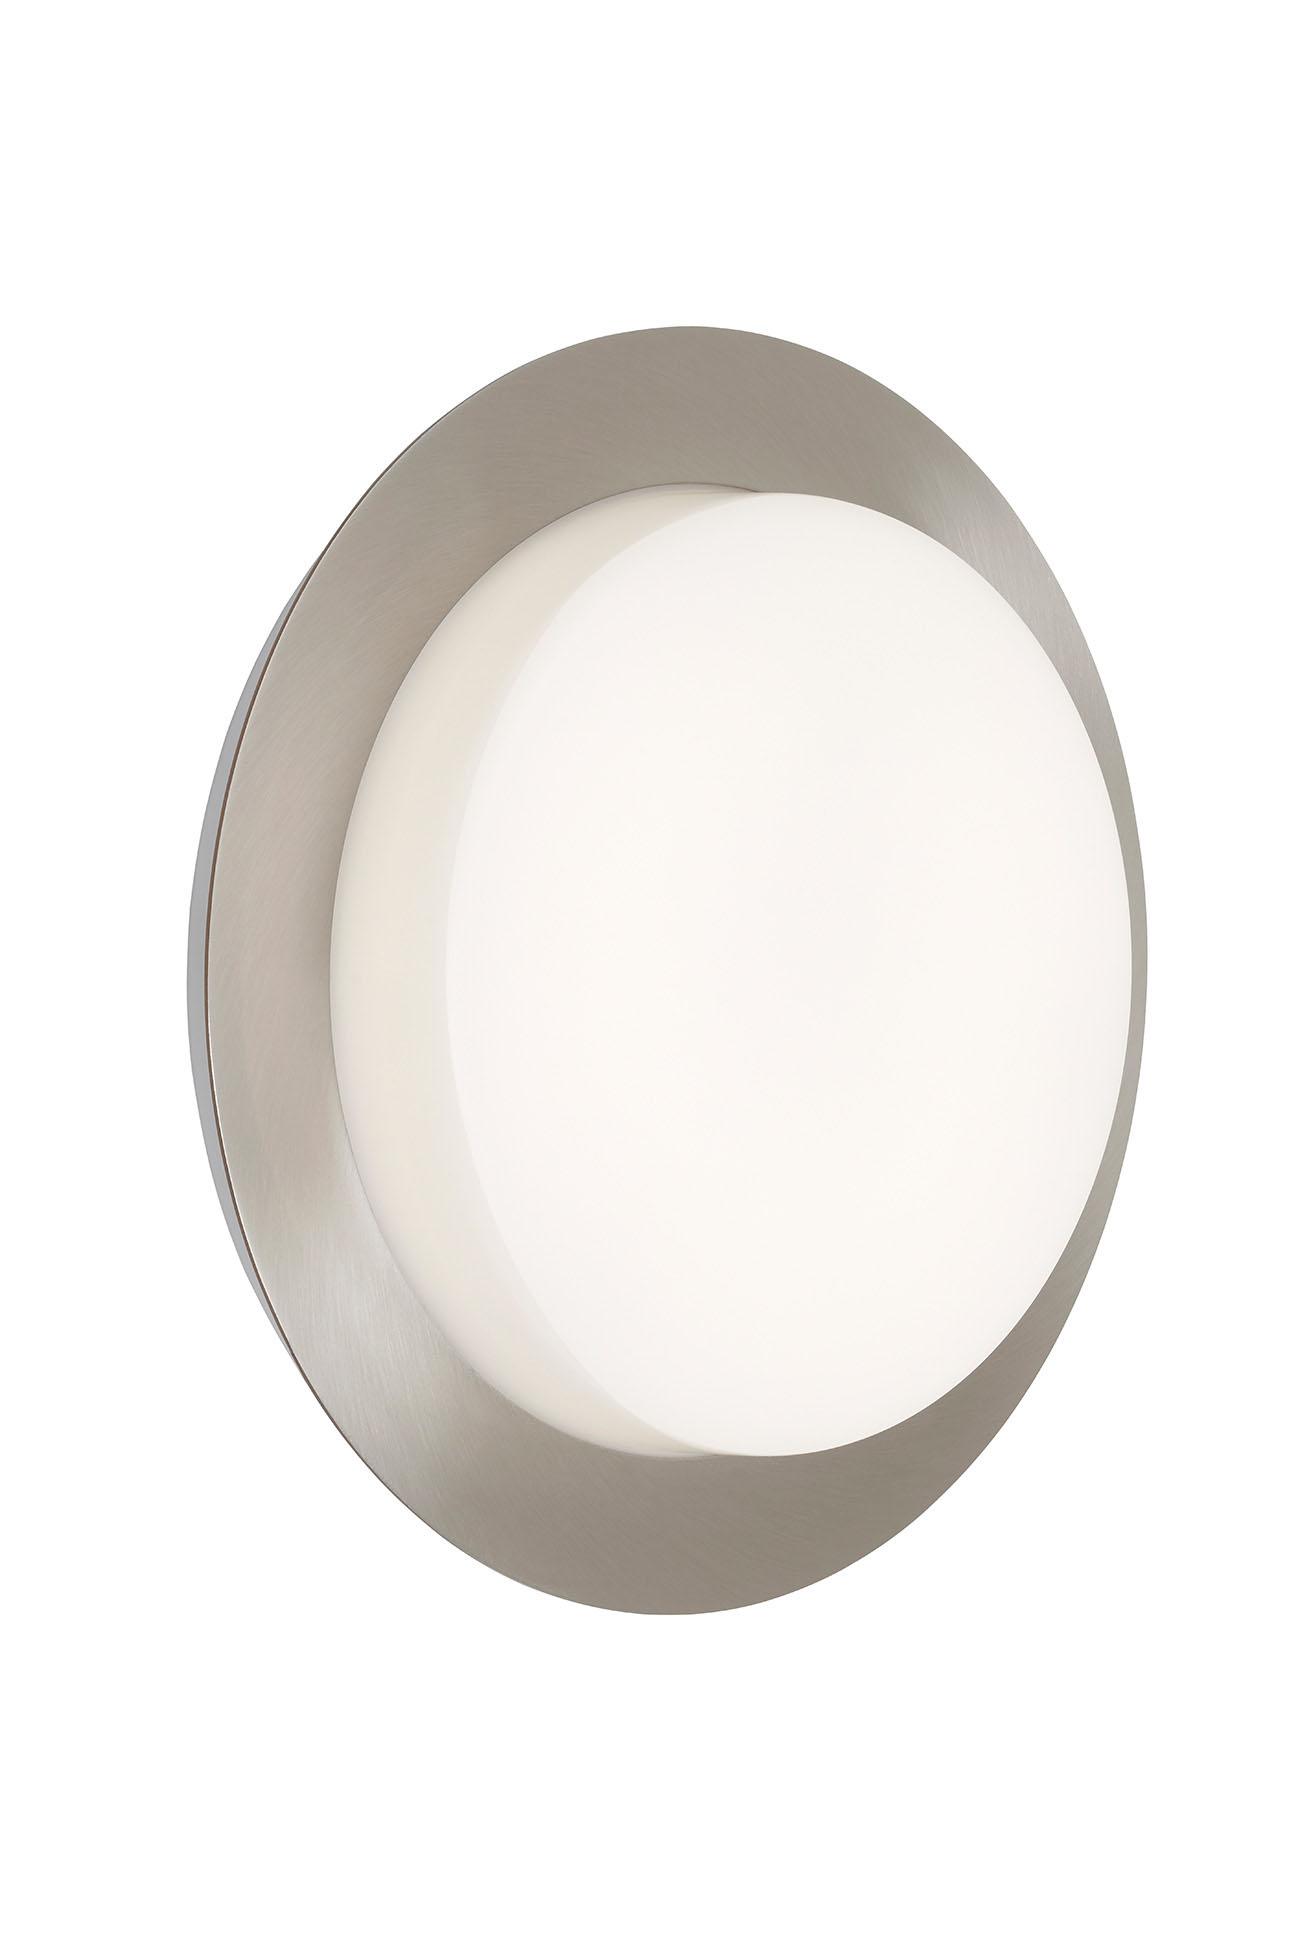 TELEFUNKEN LED Aussenwandleuchte, Ø 30 cm, 15 W, Silber